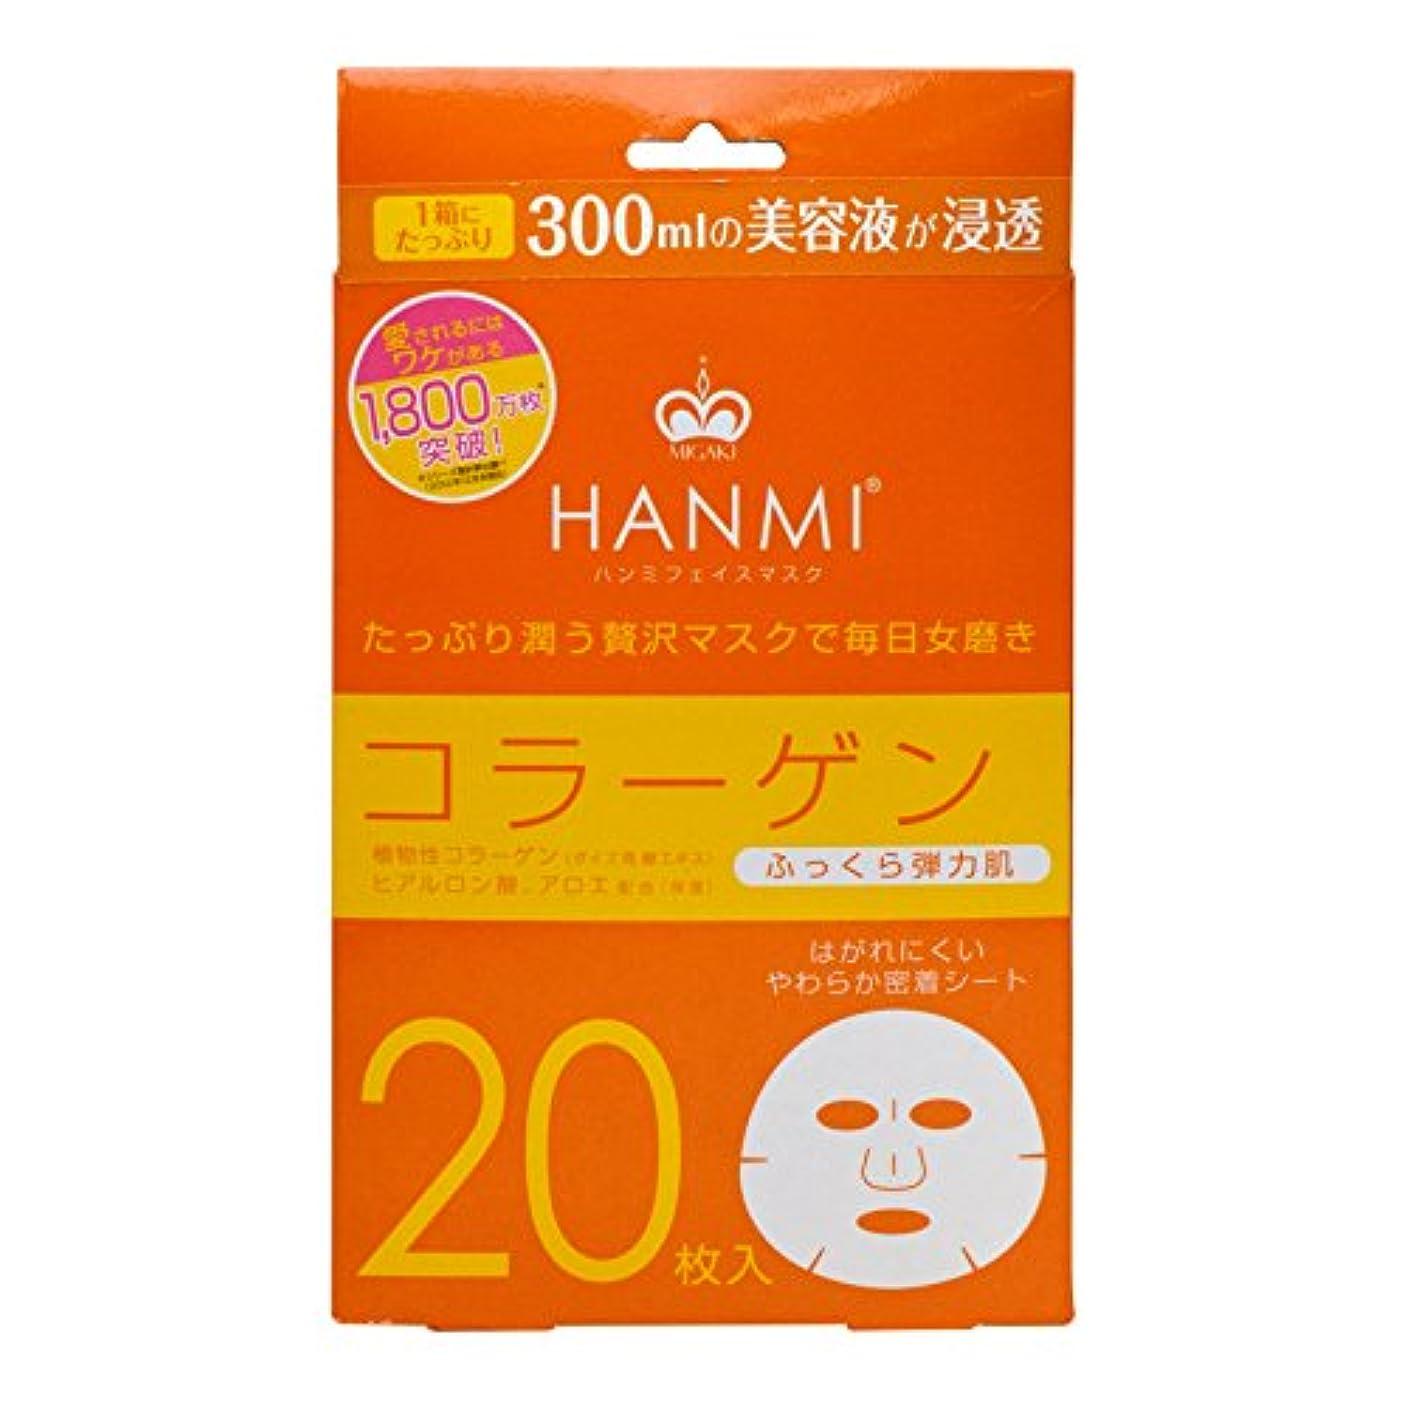 改革オール周術期MIGAKI ハンミフェイスマスク コラーゲン 20枚入り